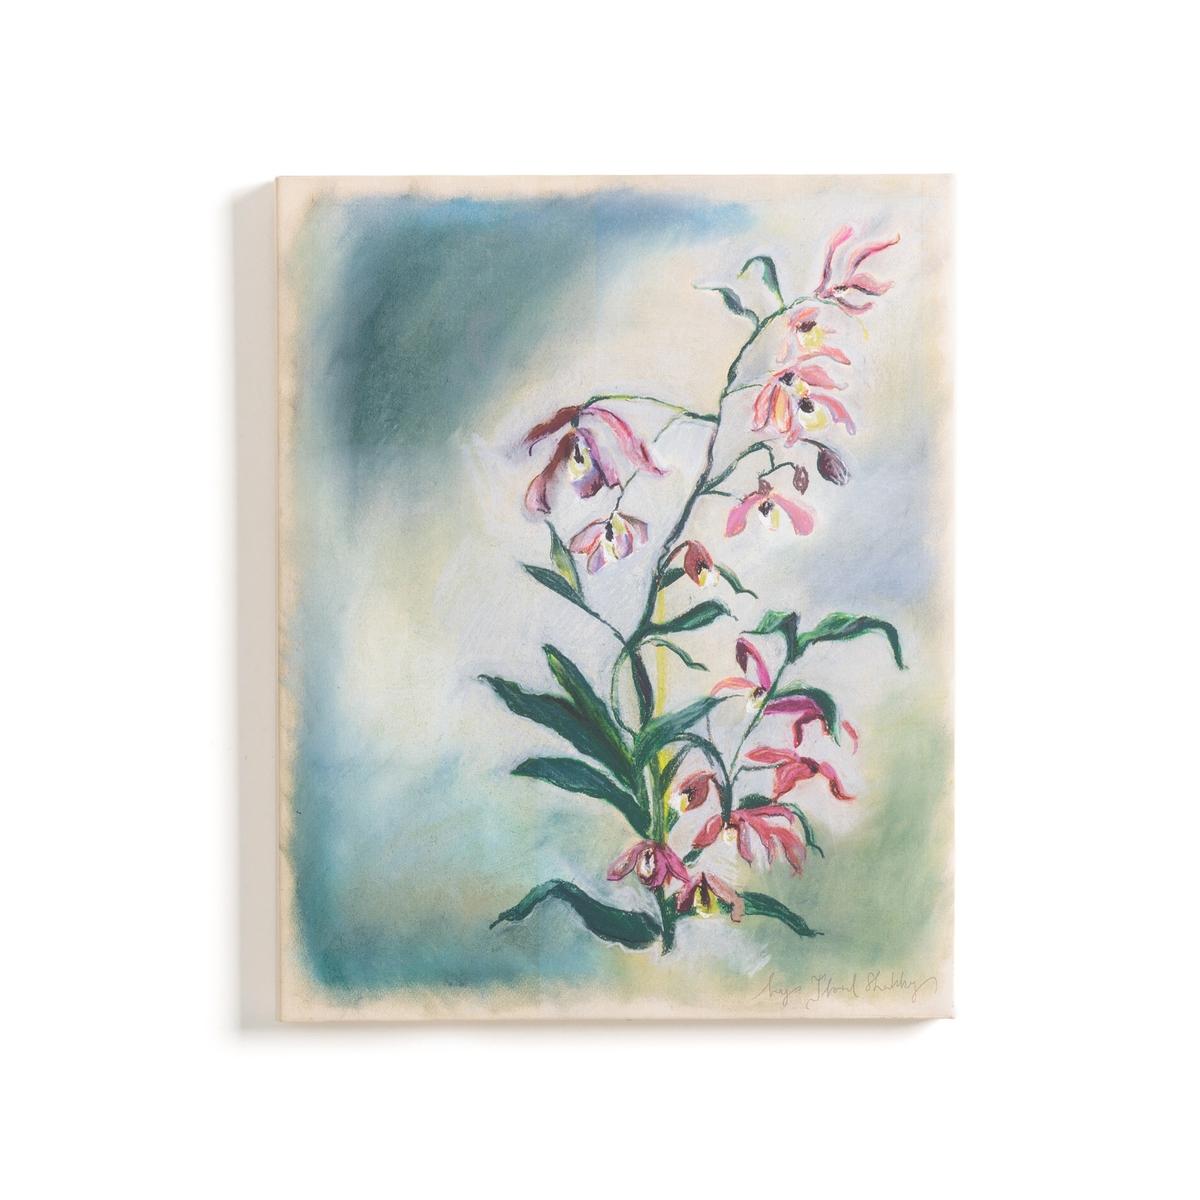 цена на Панно La Redoute С цветочным рисунком с эффектом картины Rosa единый размер разноцветный